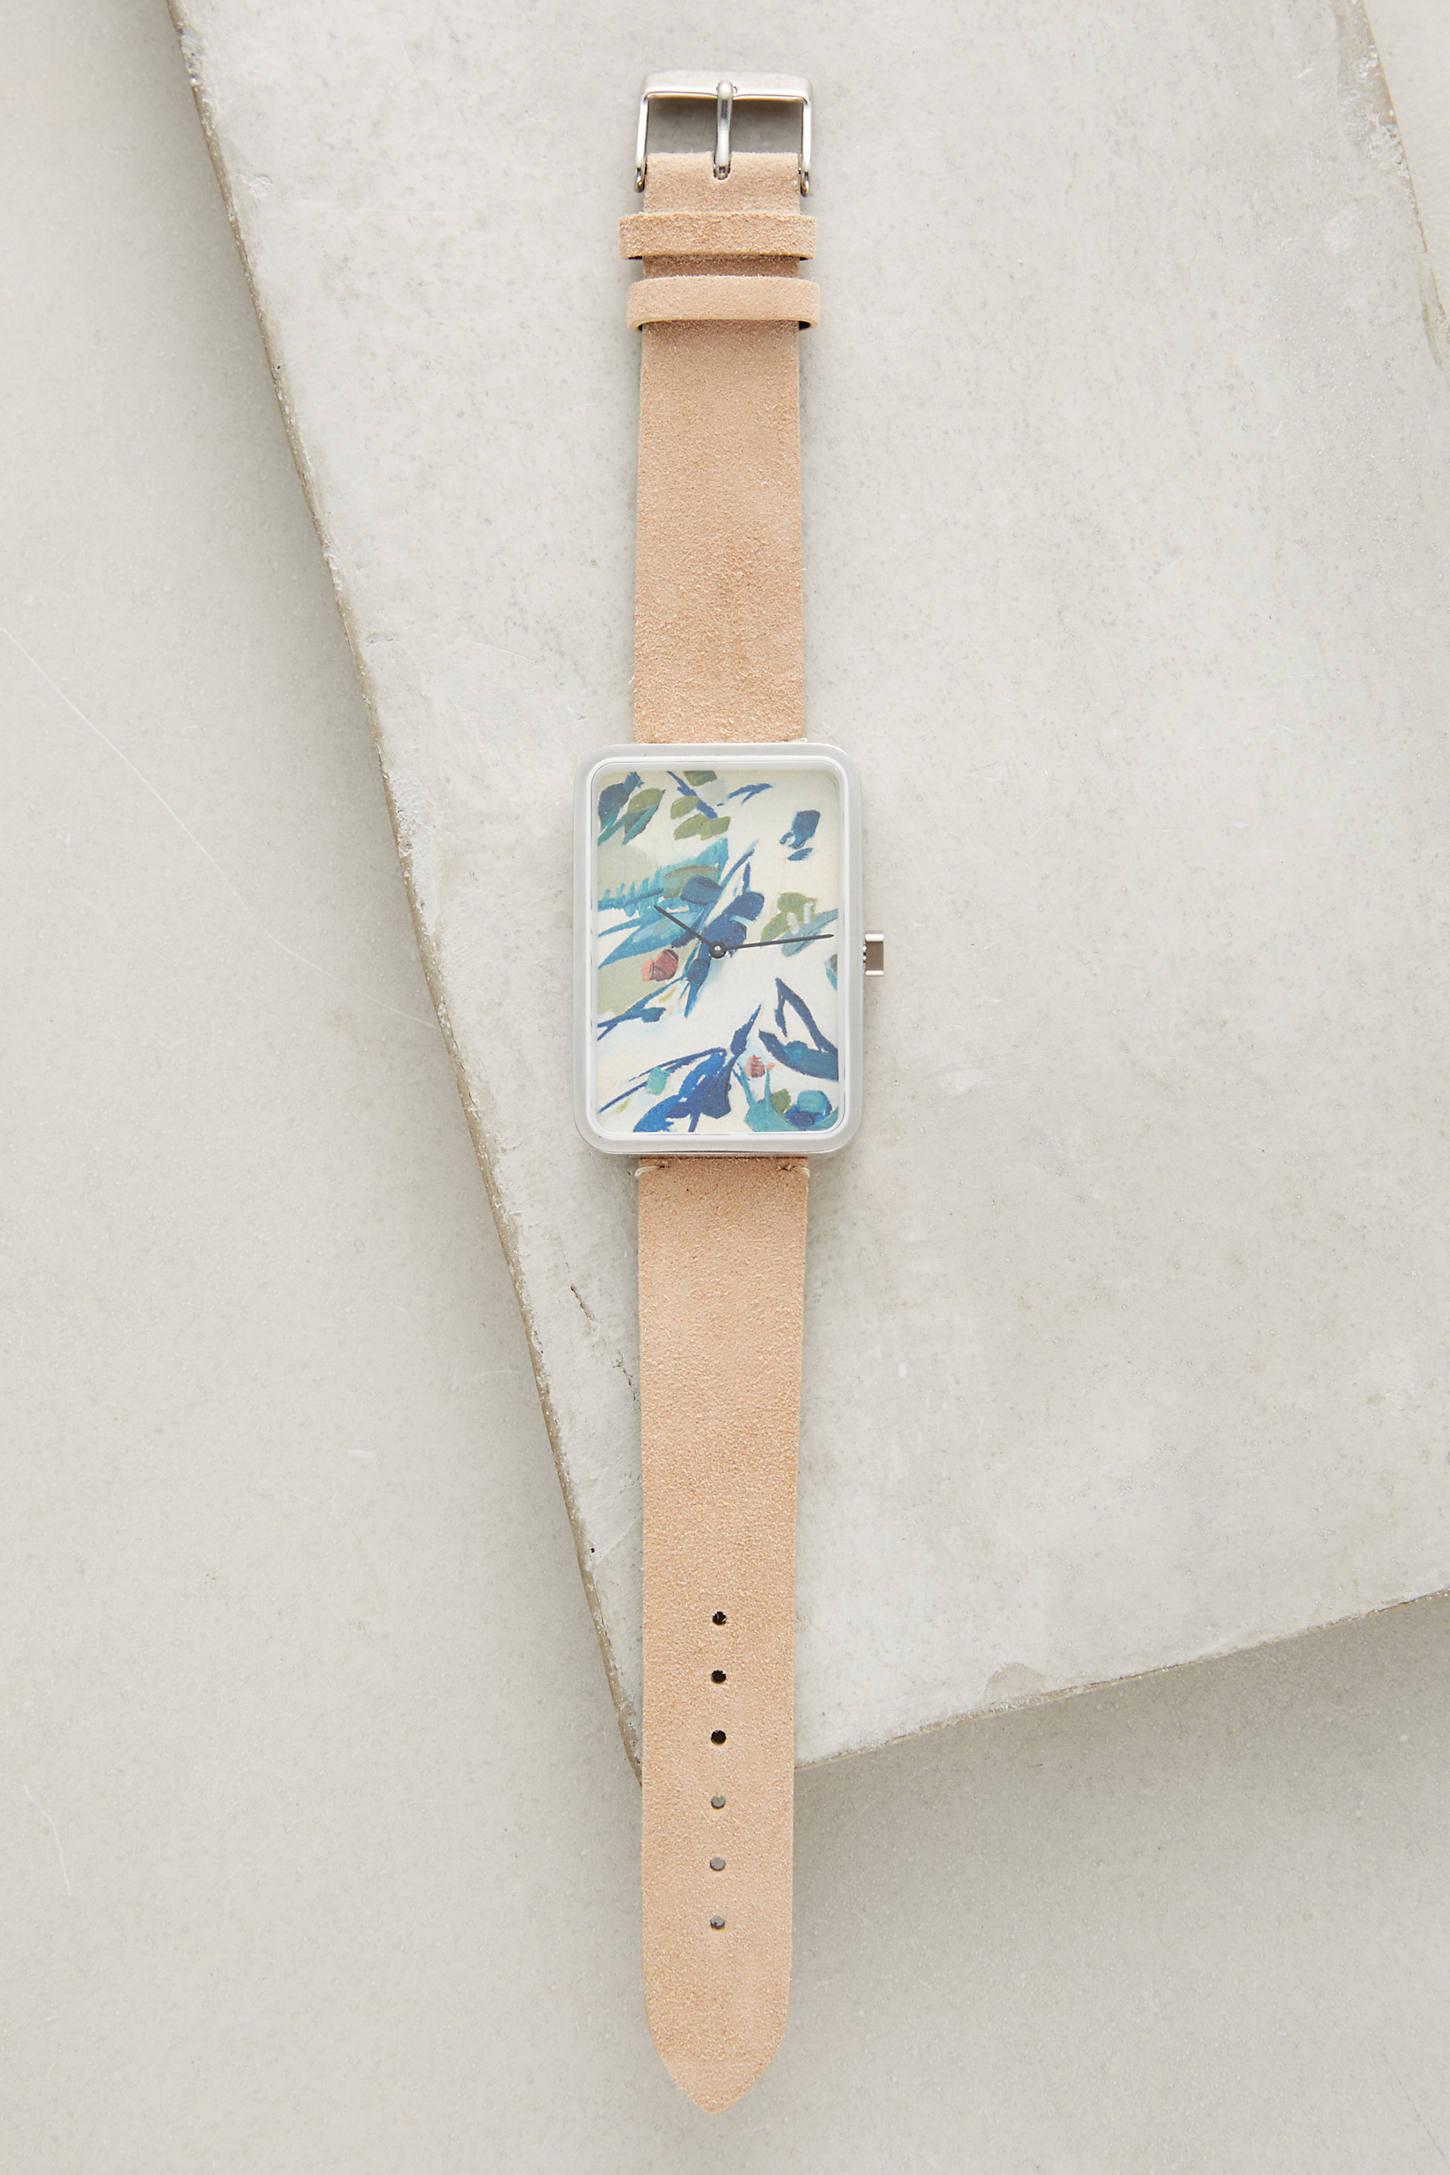 Schmutz Blueprint Watch